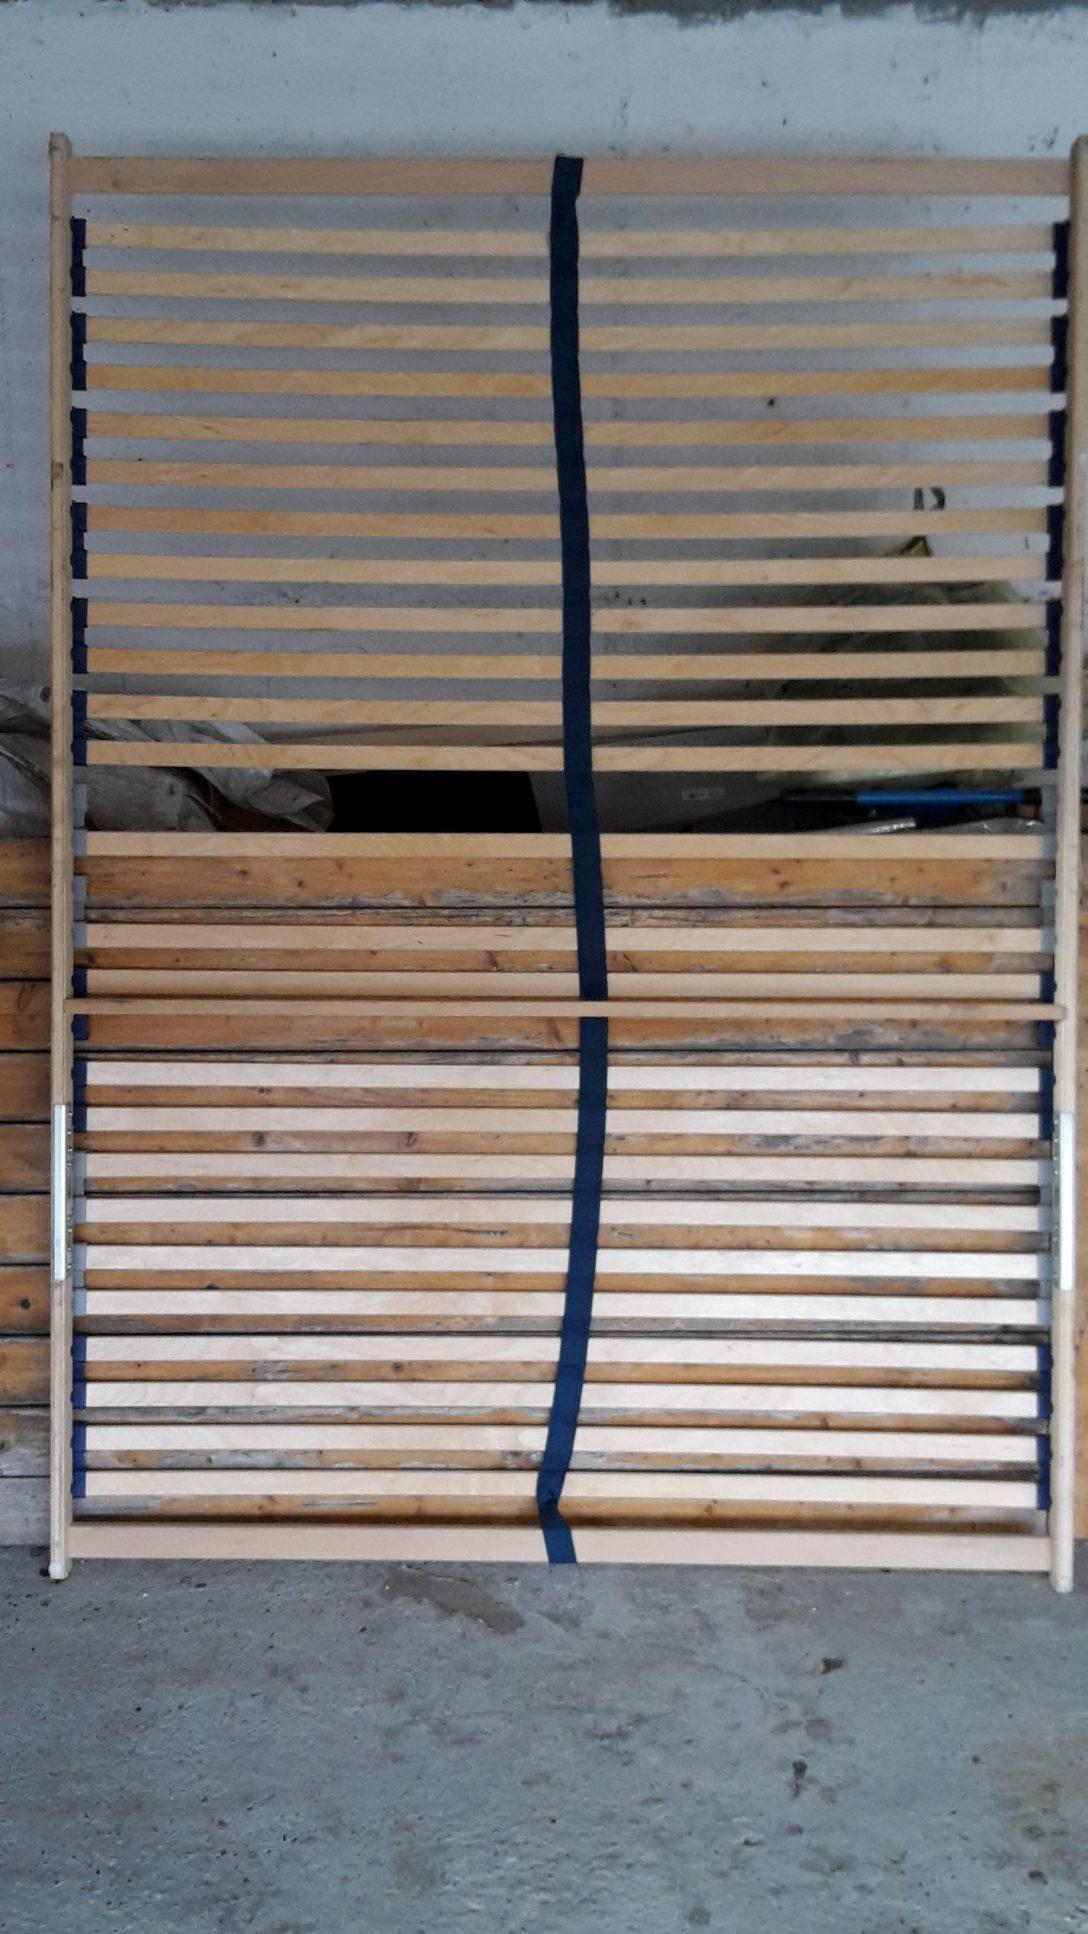 Large Size of Tempur Betten Bett Mit Rutsche 140x200 Ebay 180x200 Weißes 160x200 Weiß Massivholz Wickelbrett Für Bettkasten Sofa Einfaches Hülsta Frankfurt Landhausstil Bett Bett 1.40